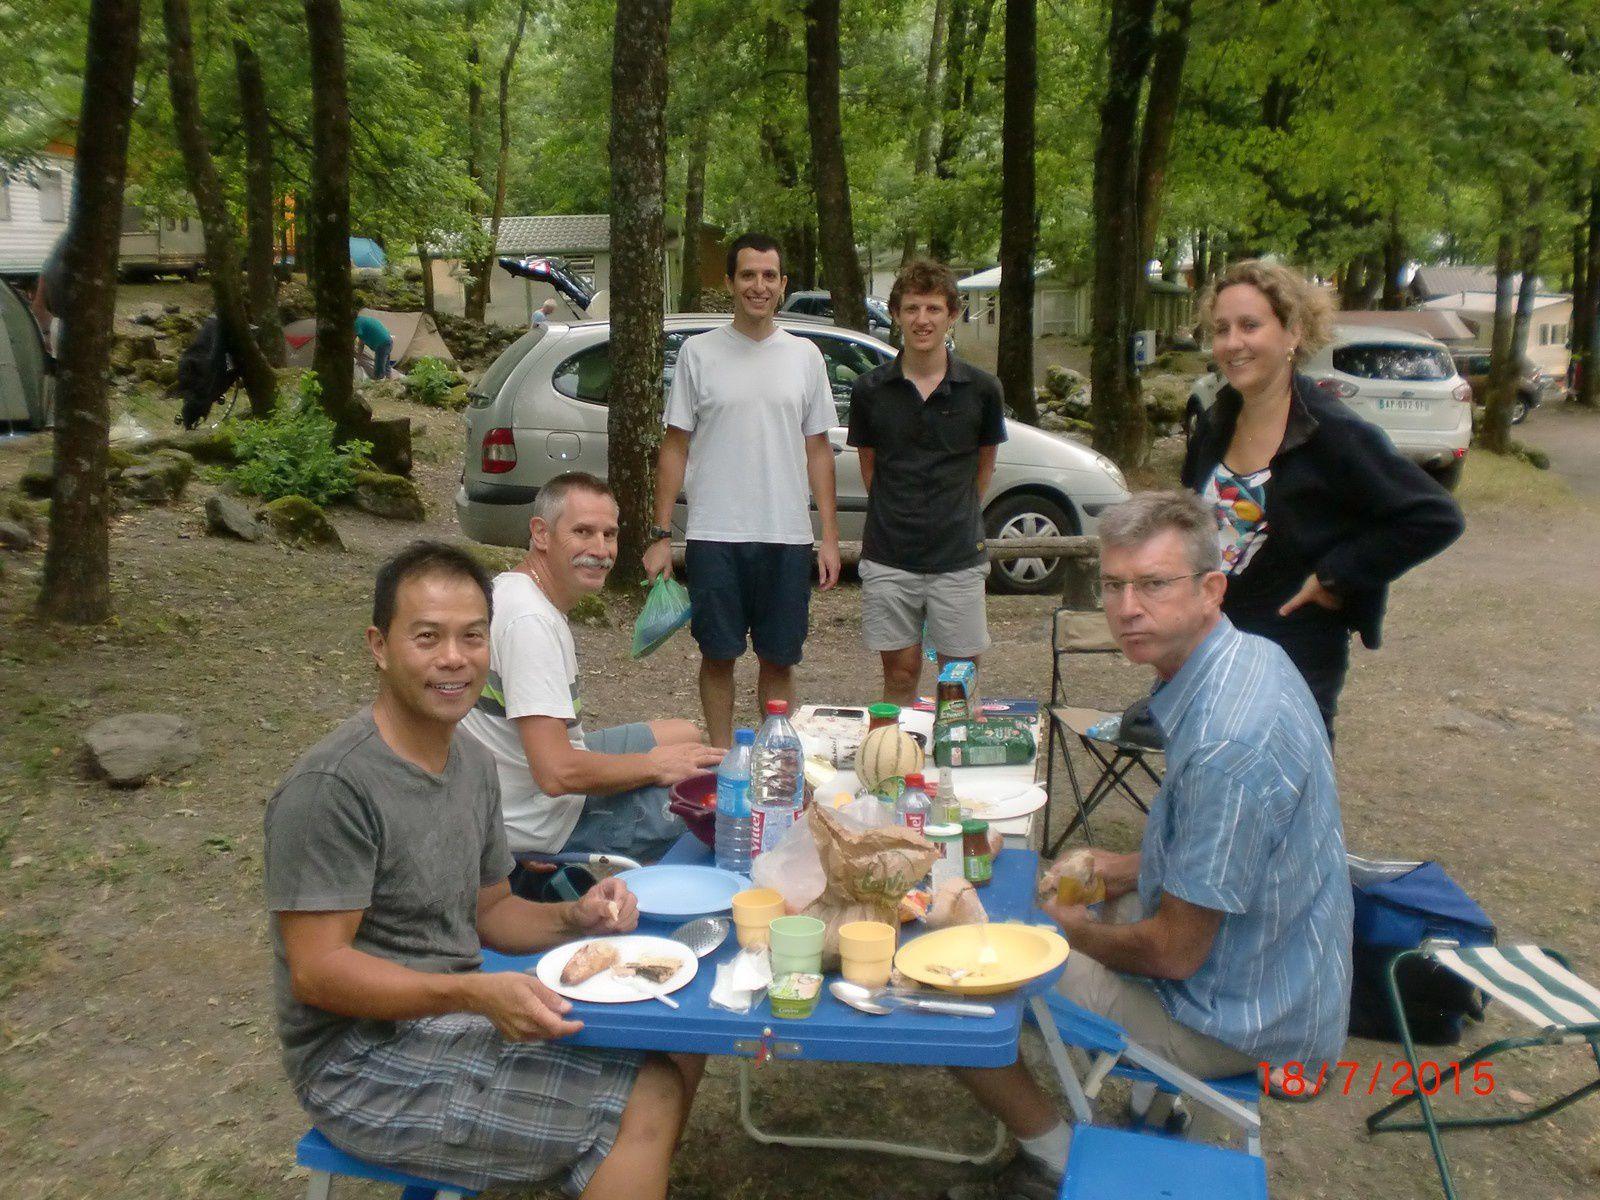 Avec Stephen, Mathieu, Stéphane, Stéphanie et Brian (photo de Jean-Christophe)